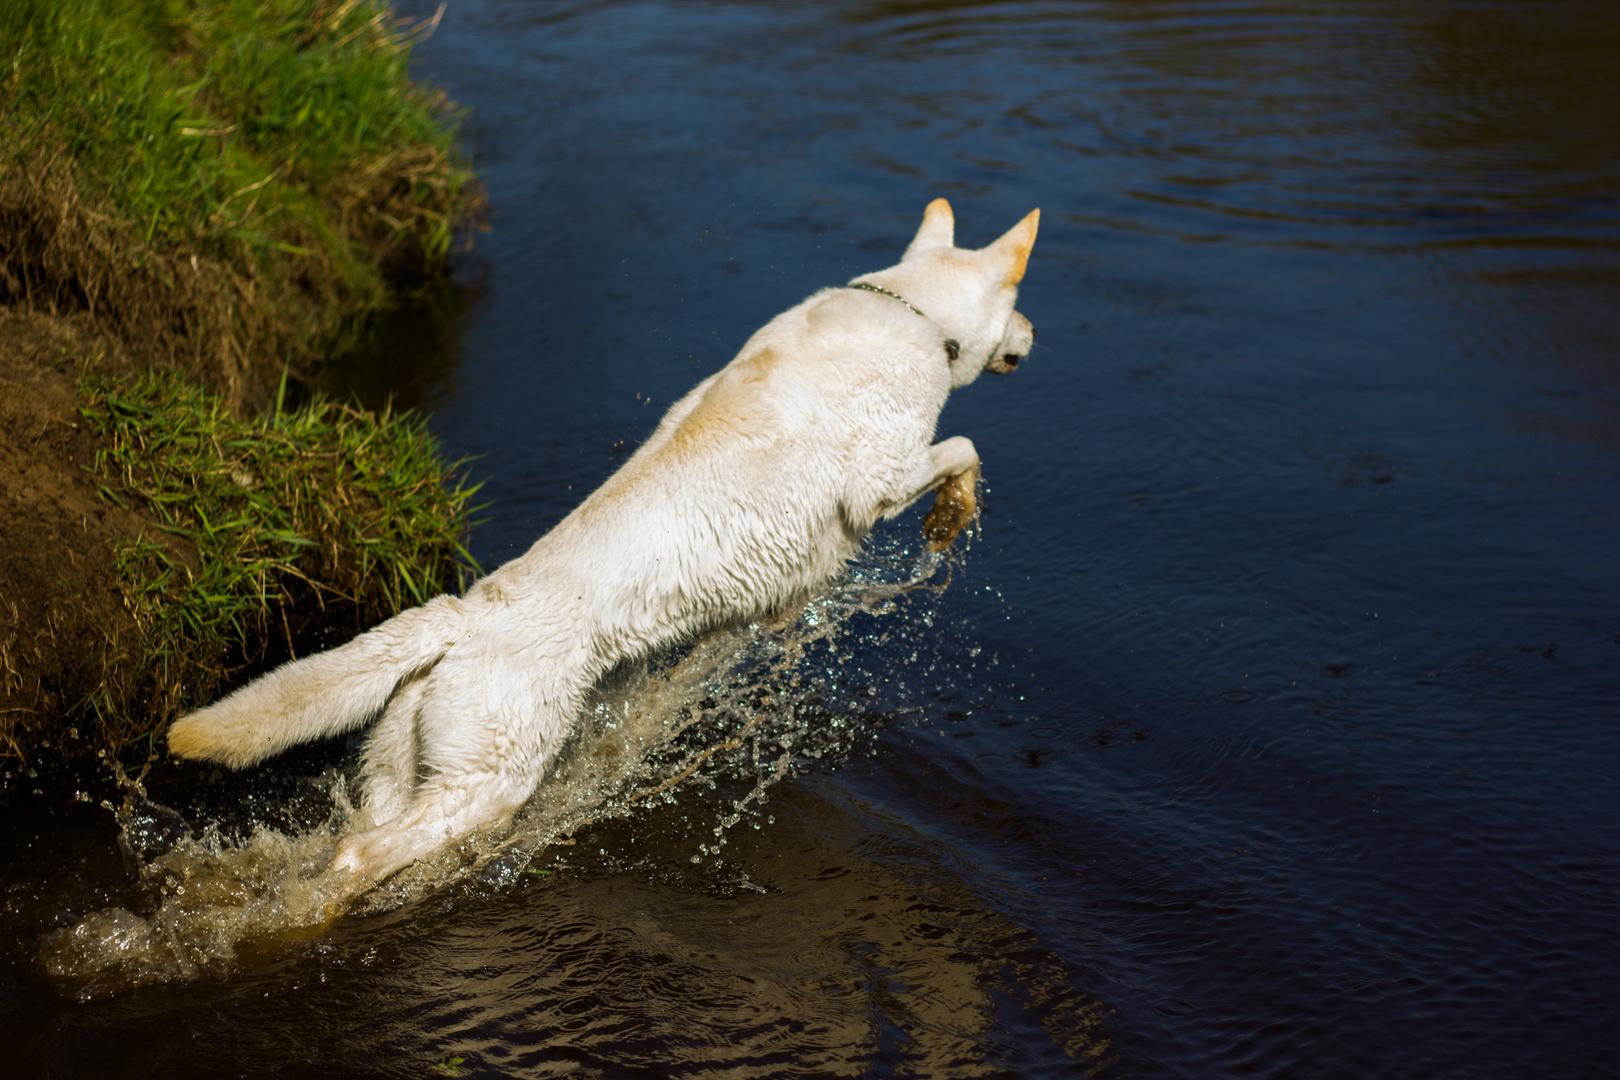 Er liebt es im Wasser zu sein.